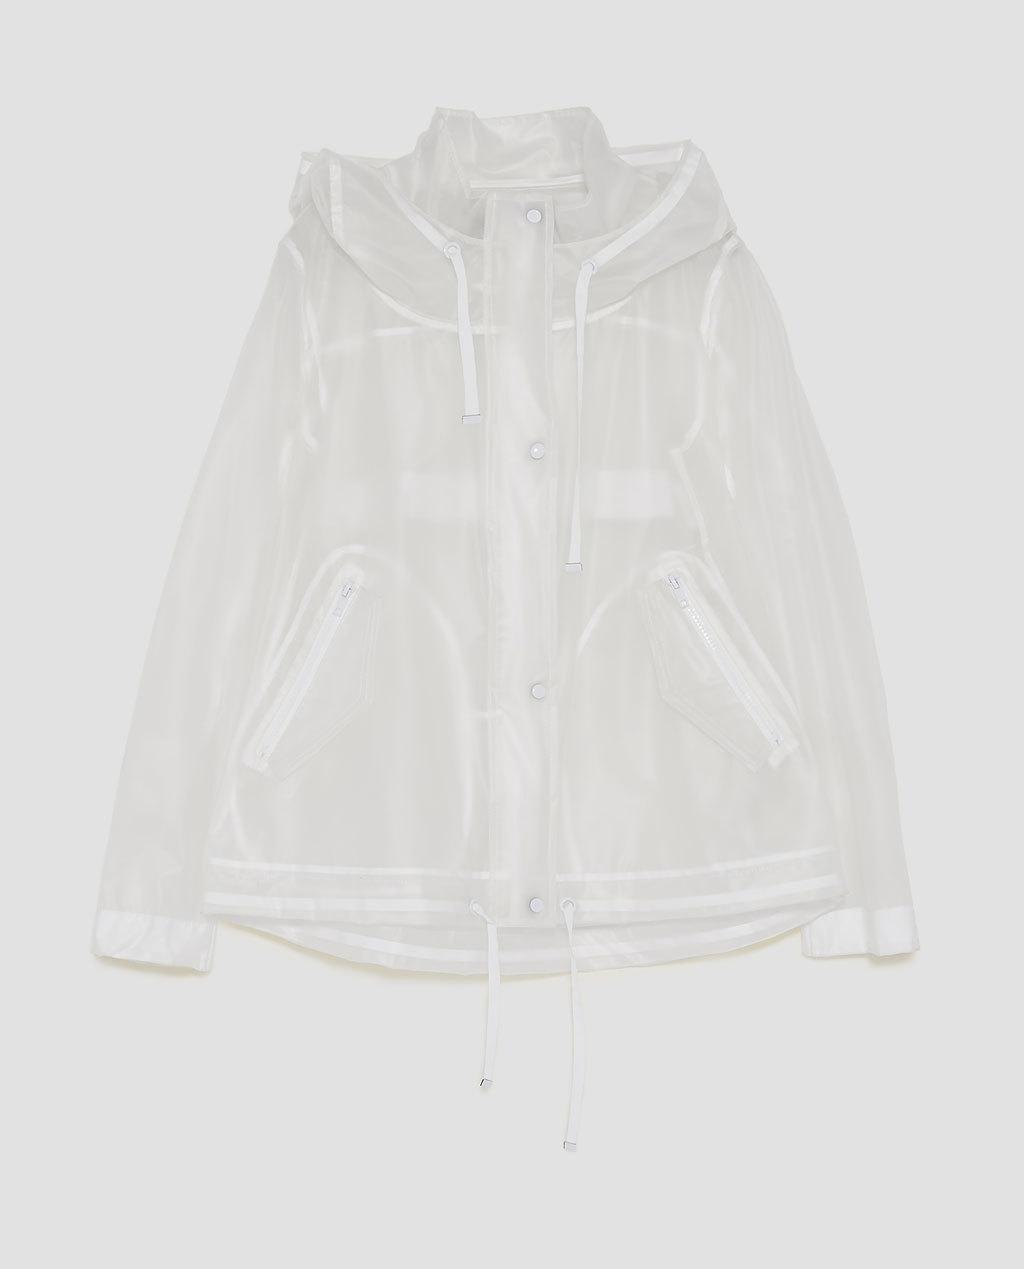 Chubasquero de mujer transparente, de Zara (29,95 euros).